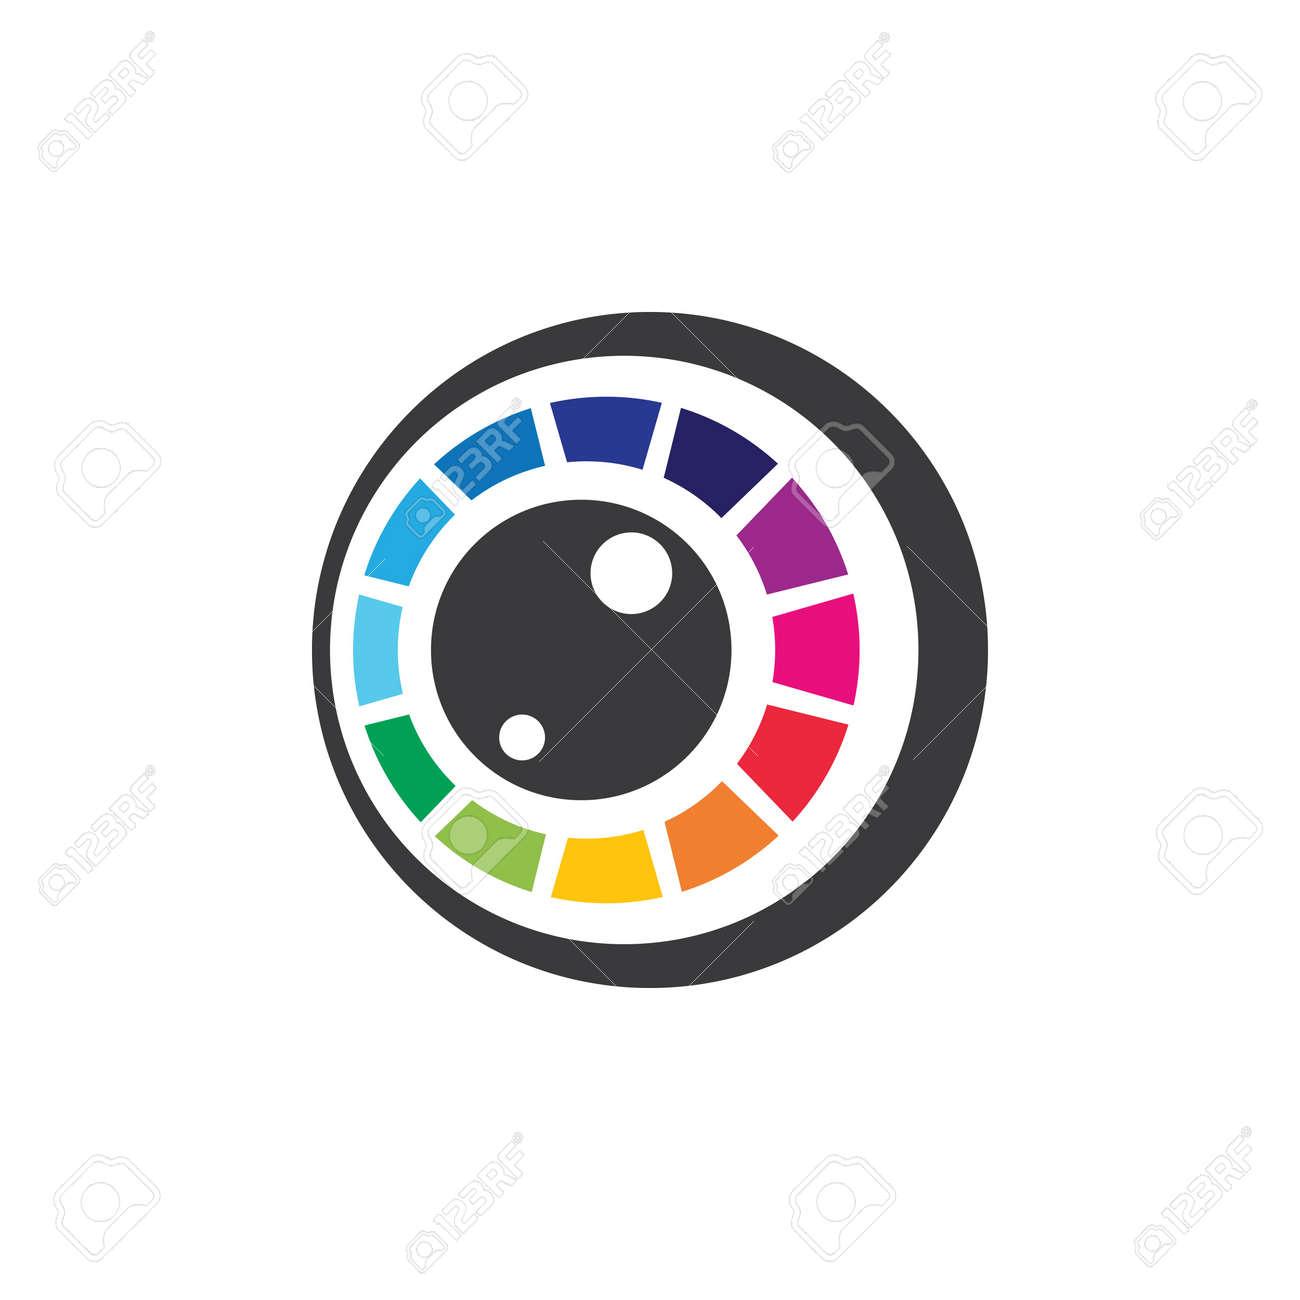 Camera logo images illustration design - 172261748